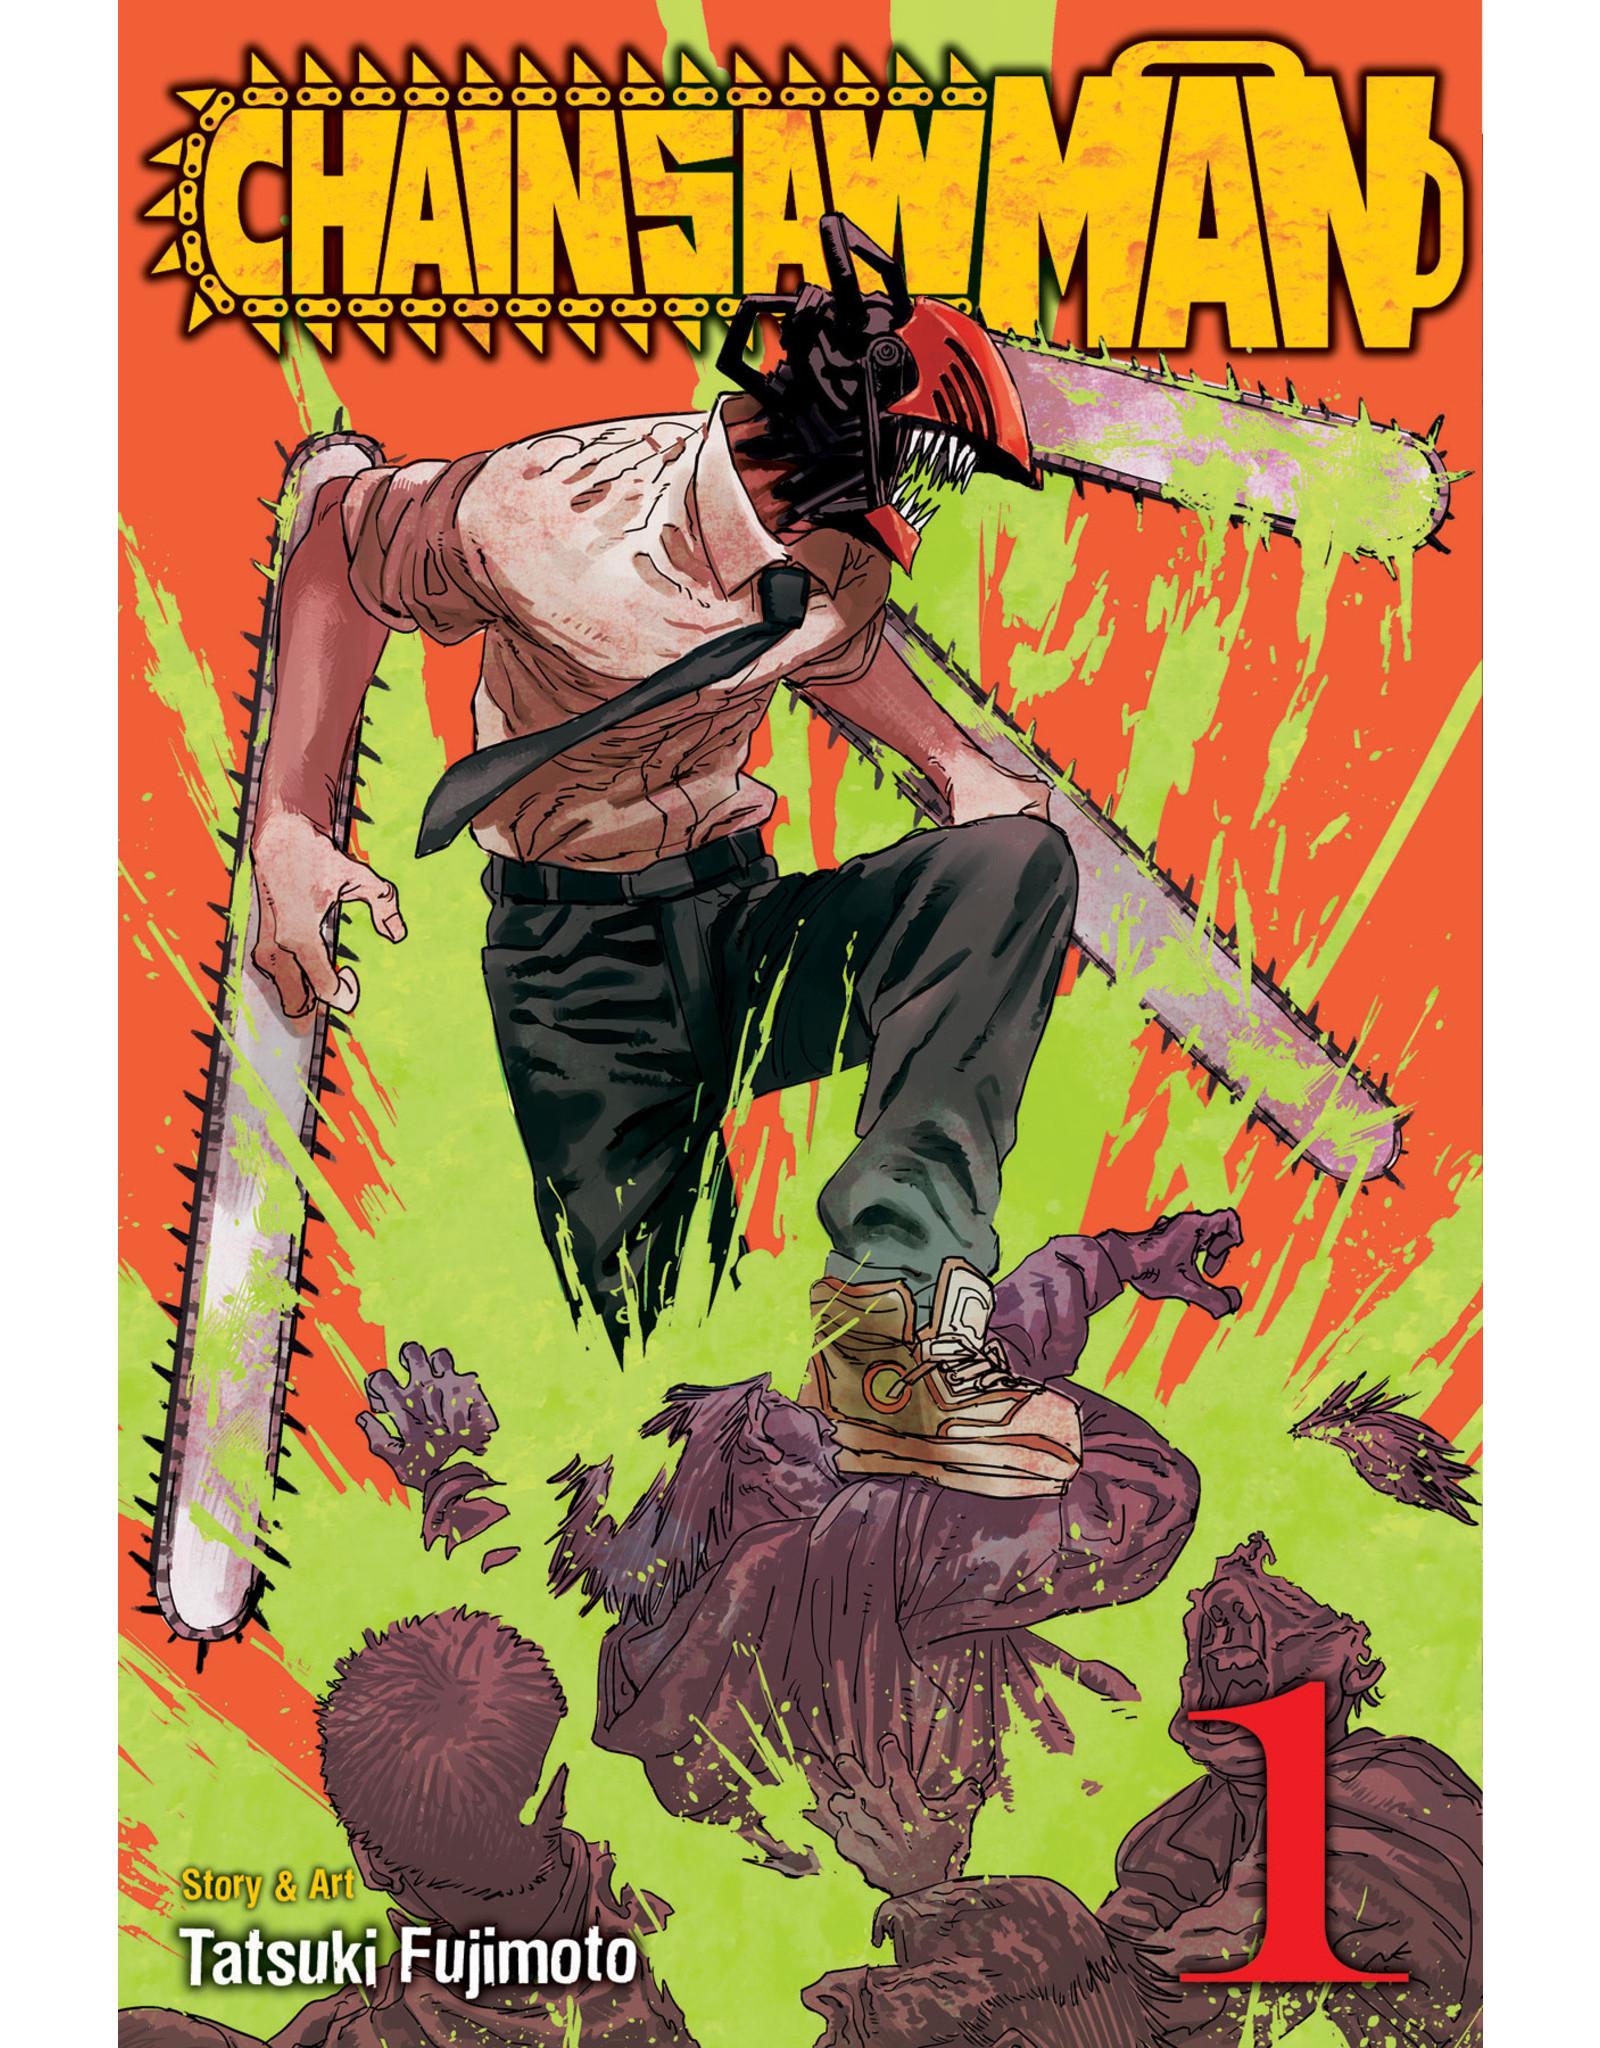 Chainsaw Man 1 (English) - Manga